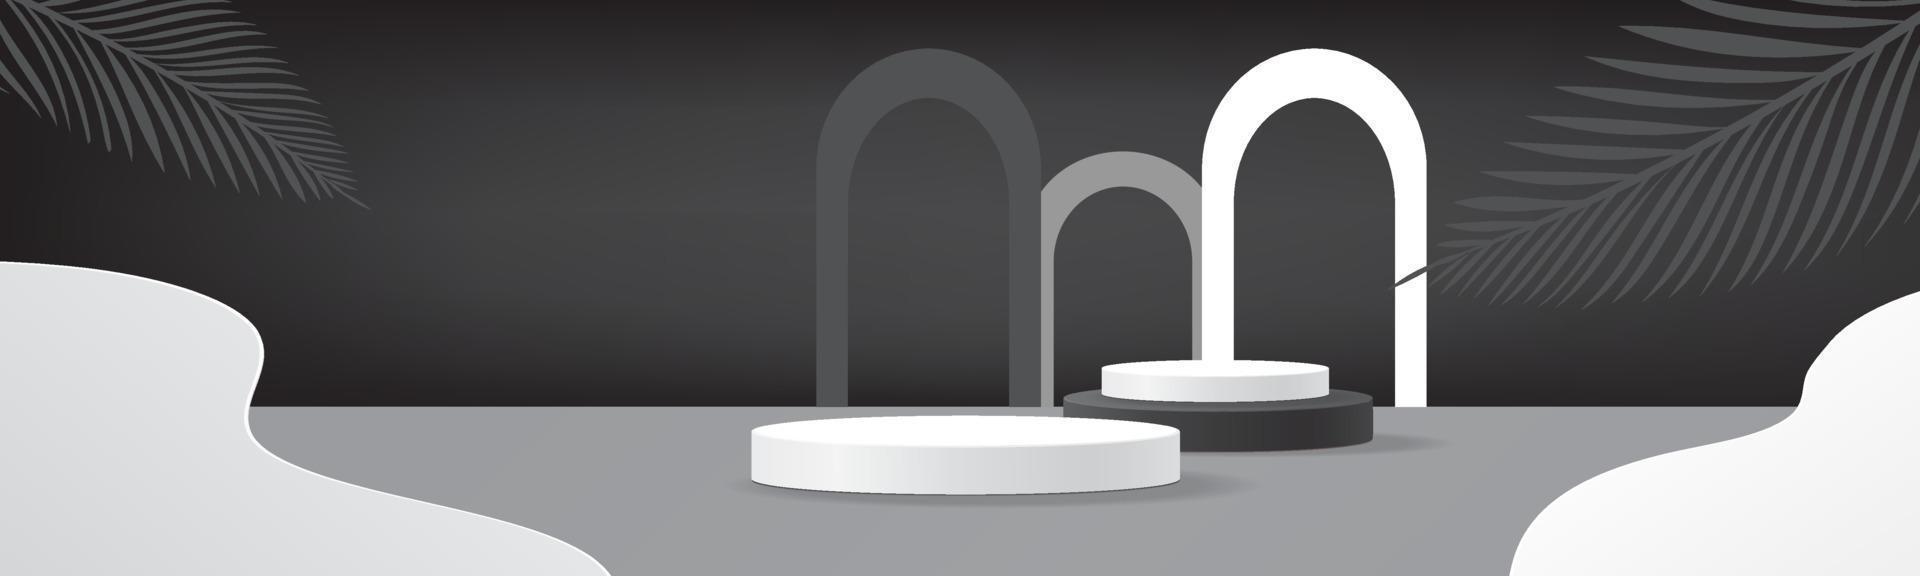 Modelo de pódio 3D abstrato preto branco produto de luxo mínimo de palco vetor